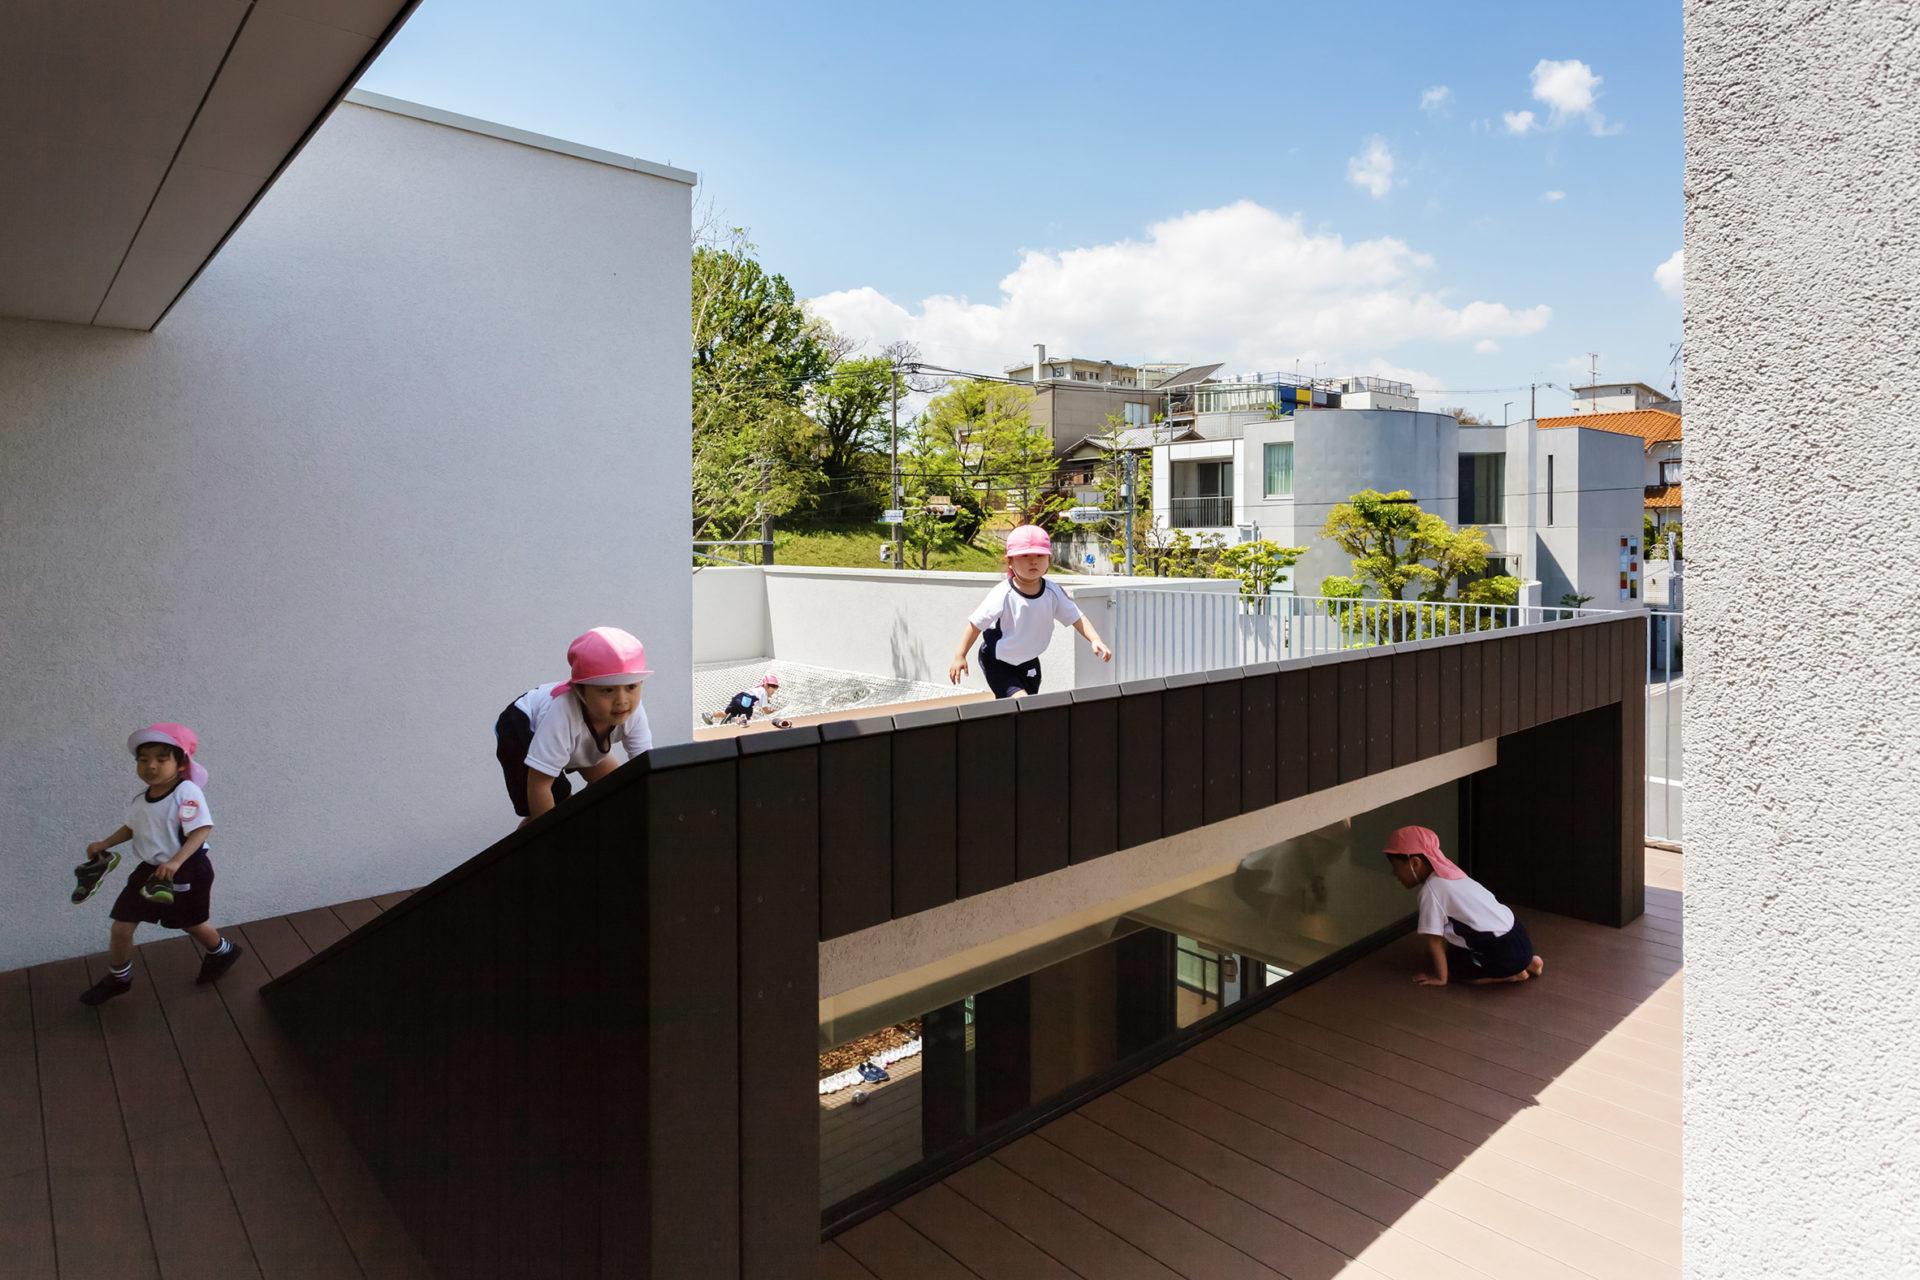 hibinosekkei-yoiuji-no-shiro-osaka-nursery-architecturearchitecture_dezeen_2364_col_23